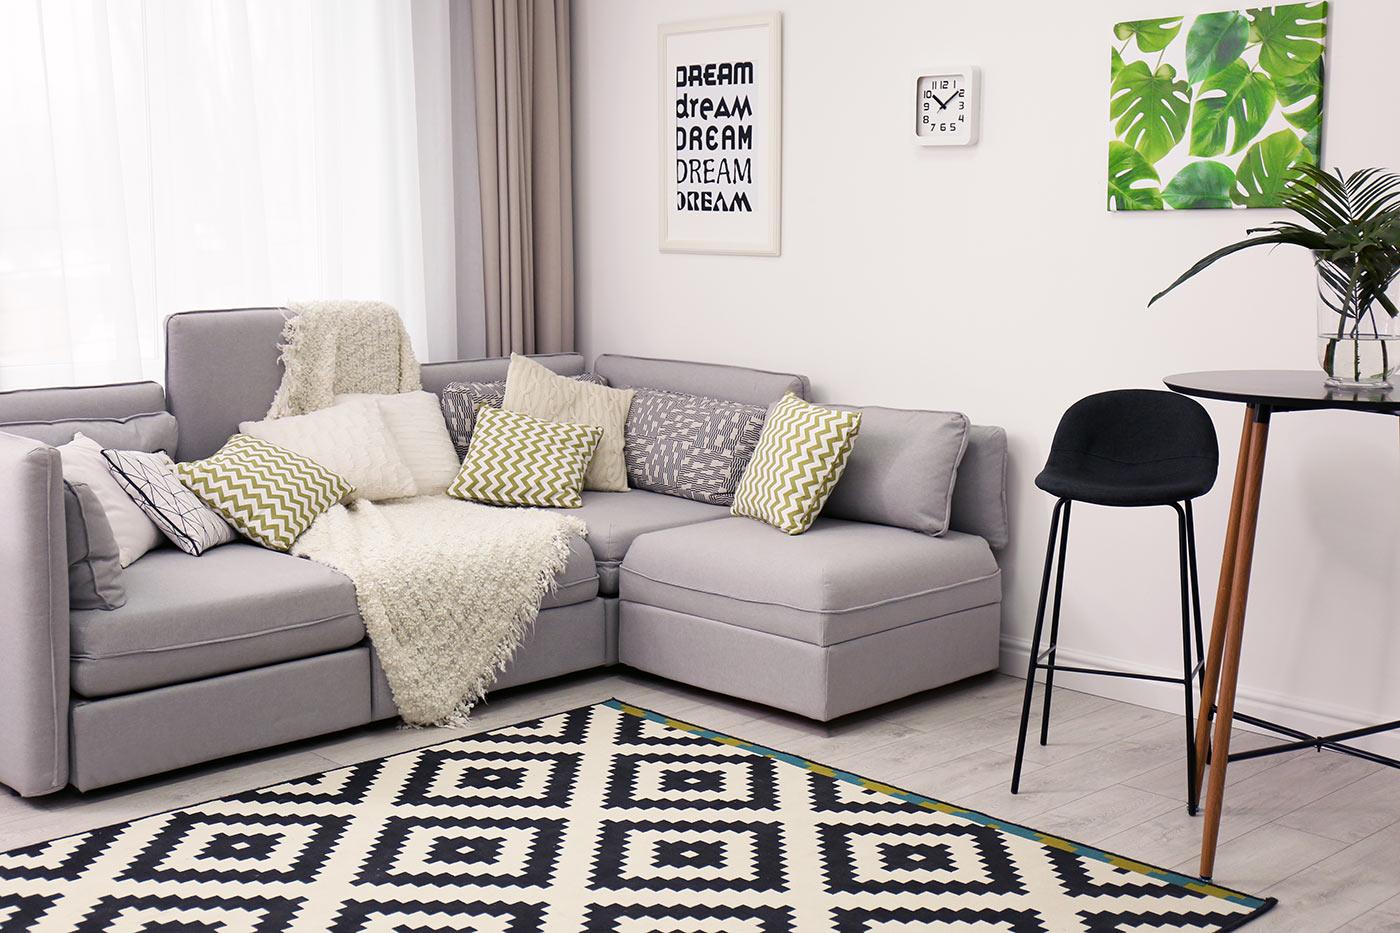 Come scegliere il divano adatto per una casa piccola